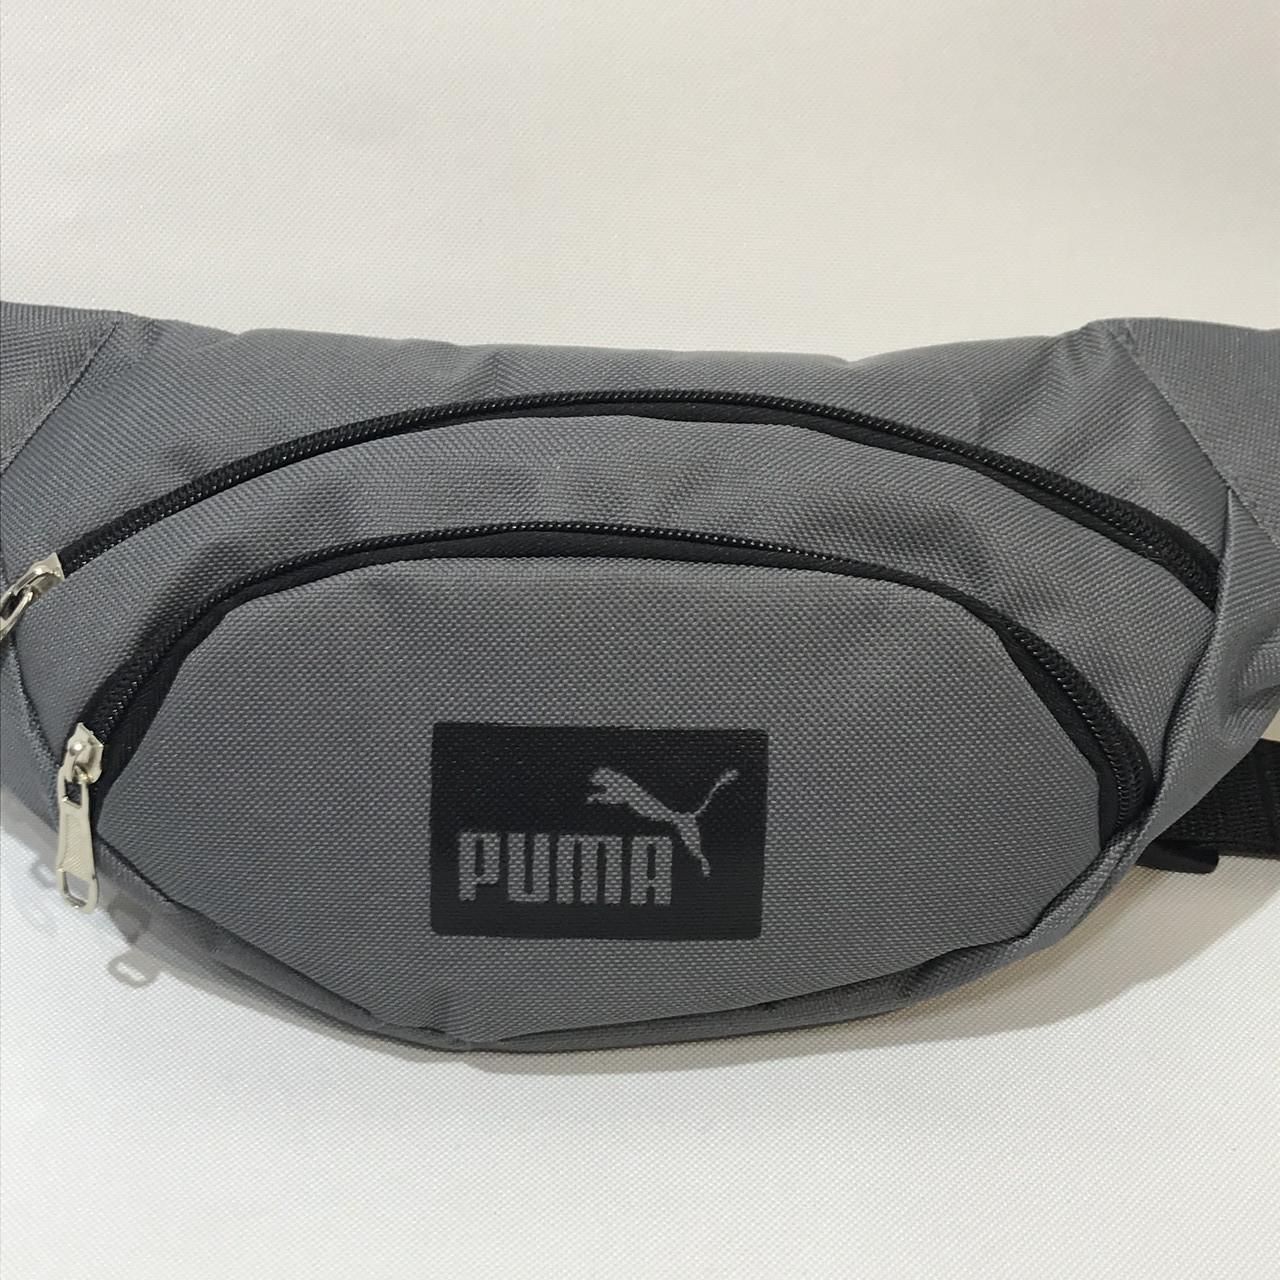 344d0539406e Сумка поясная Puma / светло-серая - Мужская спортивная одежда в Запорожье